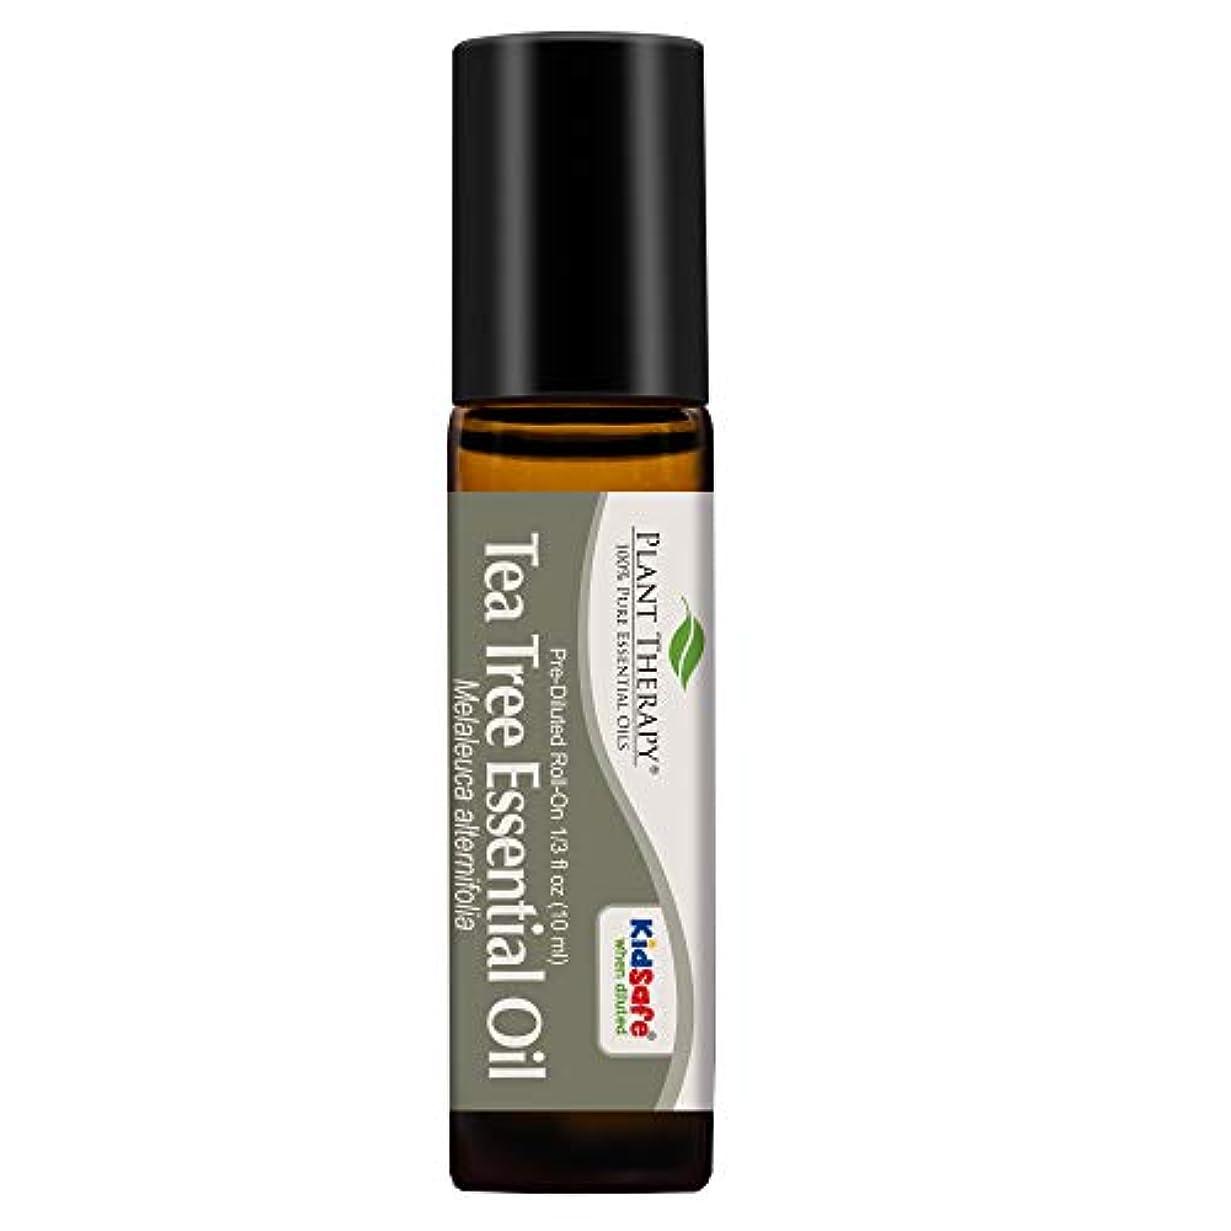 住居のヒープチャンスPlant Therapy Tea Tree Pre-Diluted Roll-On 10 ml (1/3 fl oz) 100% Pure, Therapeutic Grade